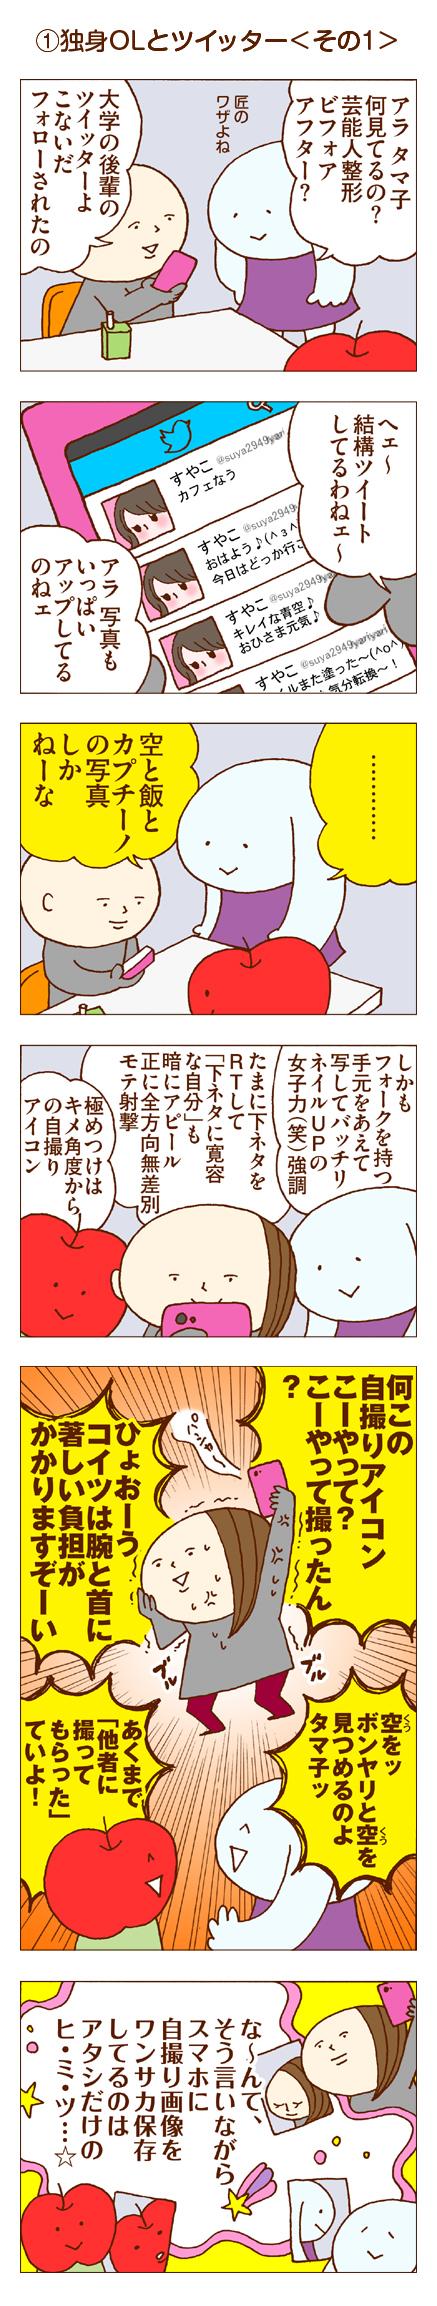 爆笑! アラサ―独身女性3人が毒づく漫画『独身OLのすべて』がおもしろすぎます(笑)sns_0035